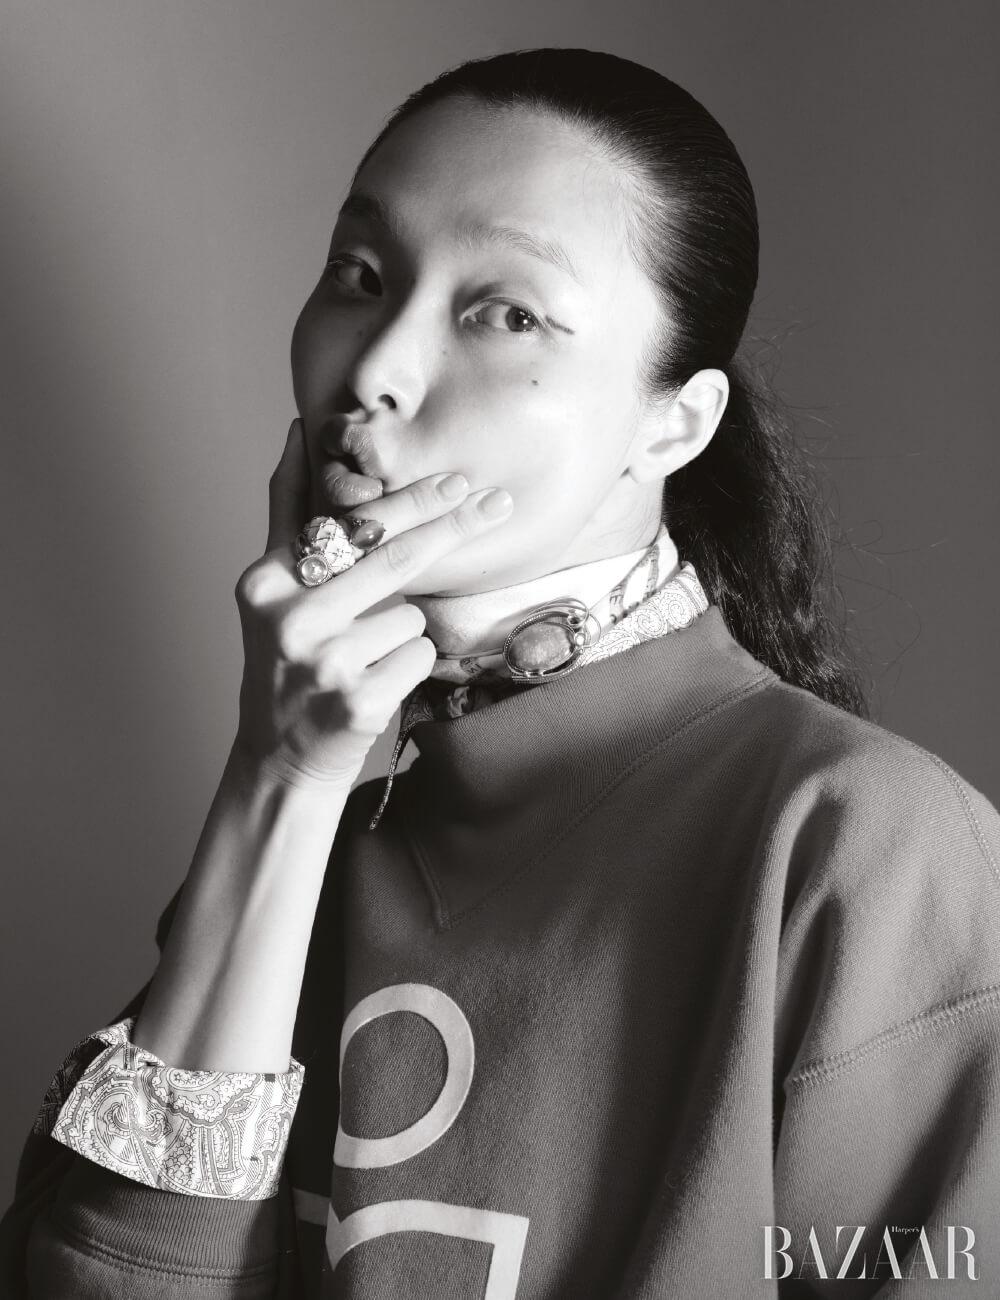 스웨트셔츠는 39만8천원Isabel Marant, 이너로 입은 빈티지 셔츠, 스카프, 브로치, 스톤 장식 반지, 볼드한 반지는 모두 Dongmyo Flea Market.